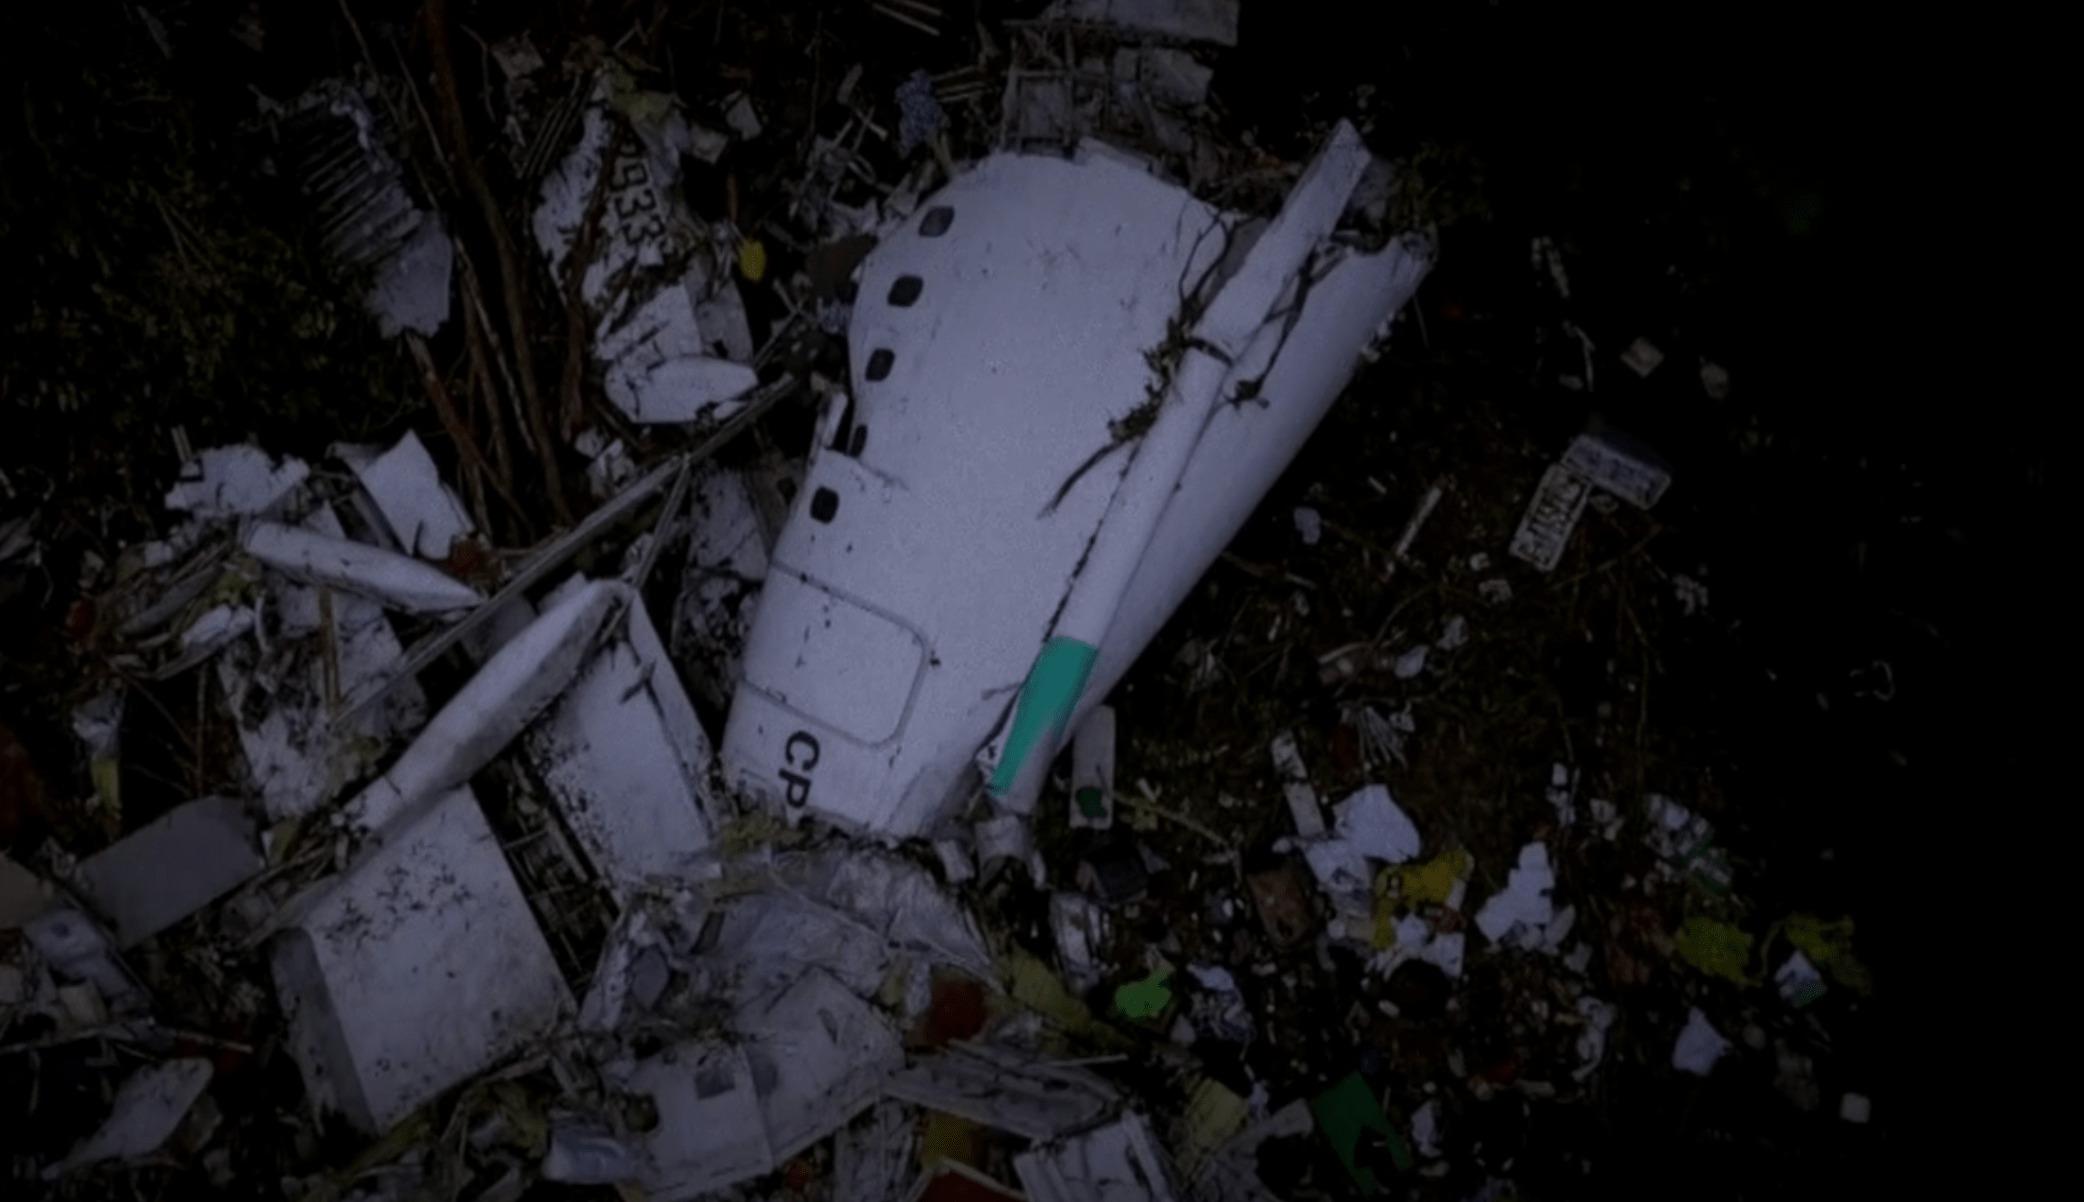 わがチーム、墜落事故からの復活を無料動画でネタバレ紹介する記事